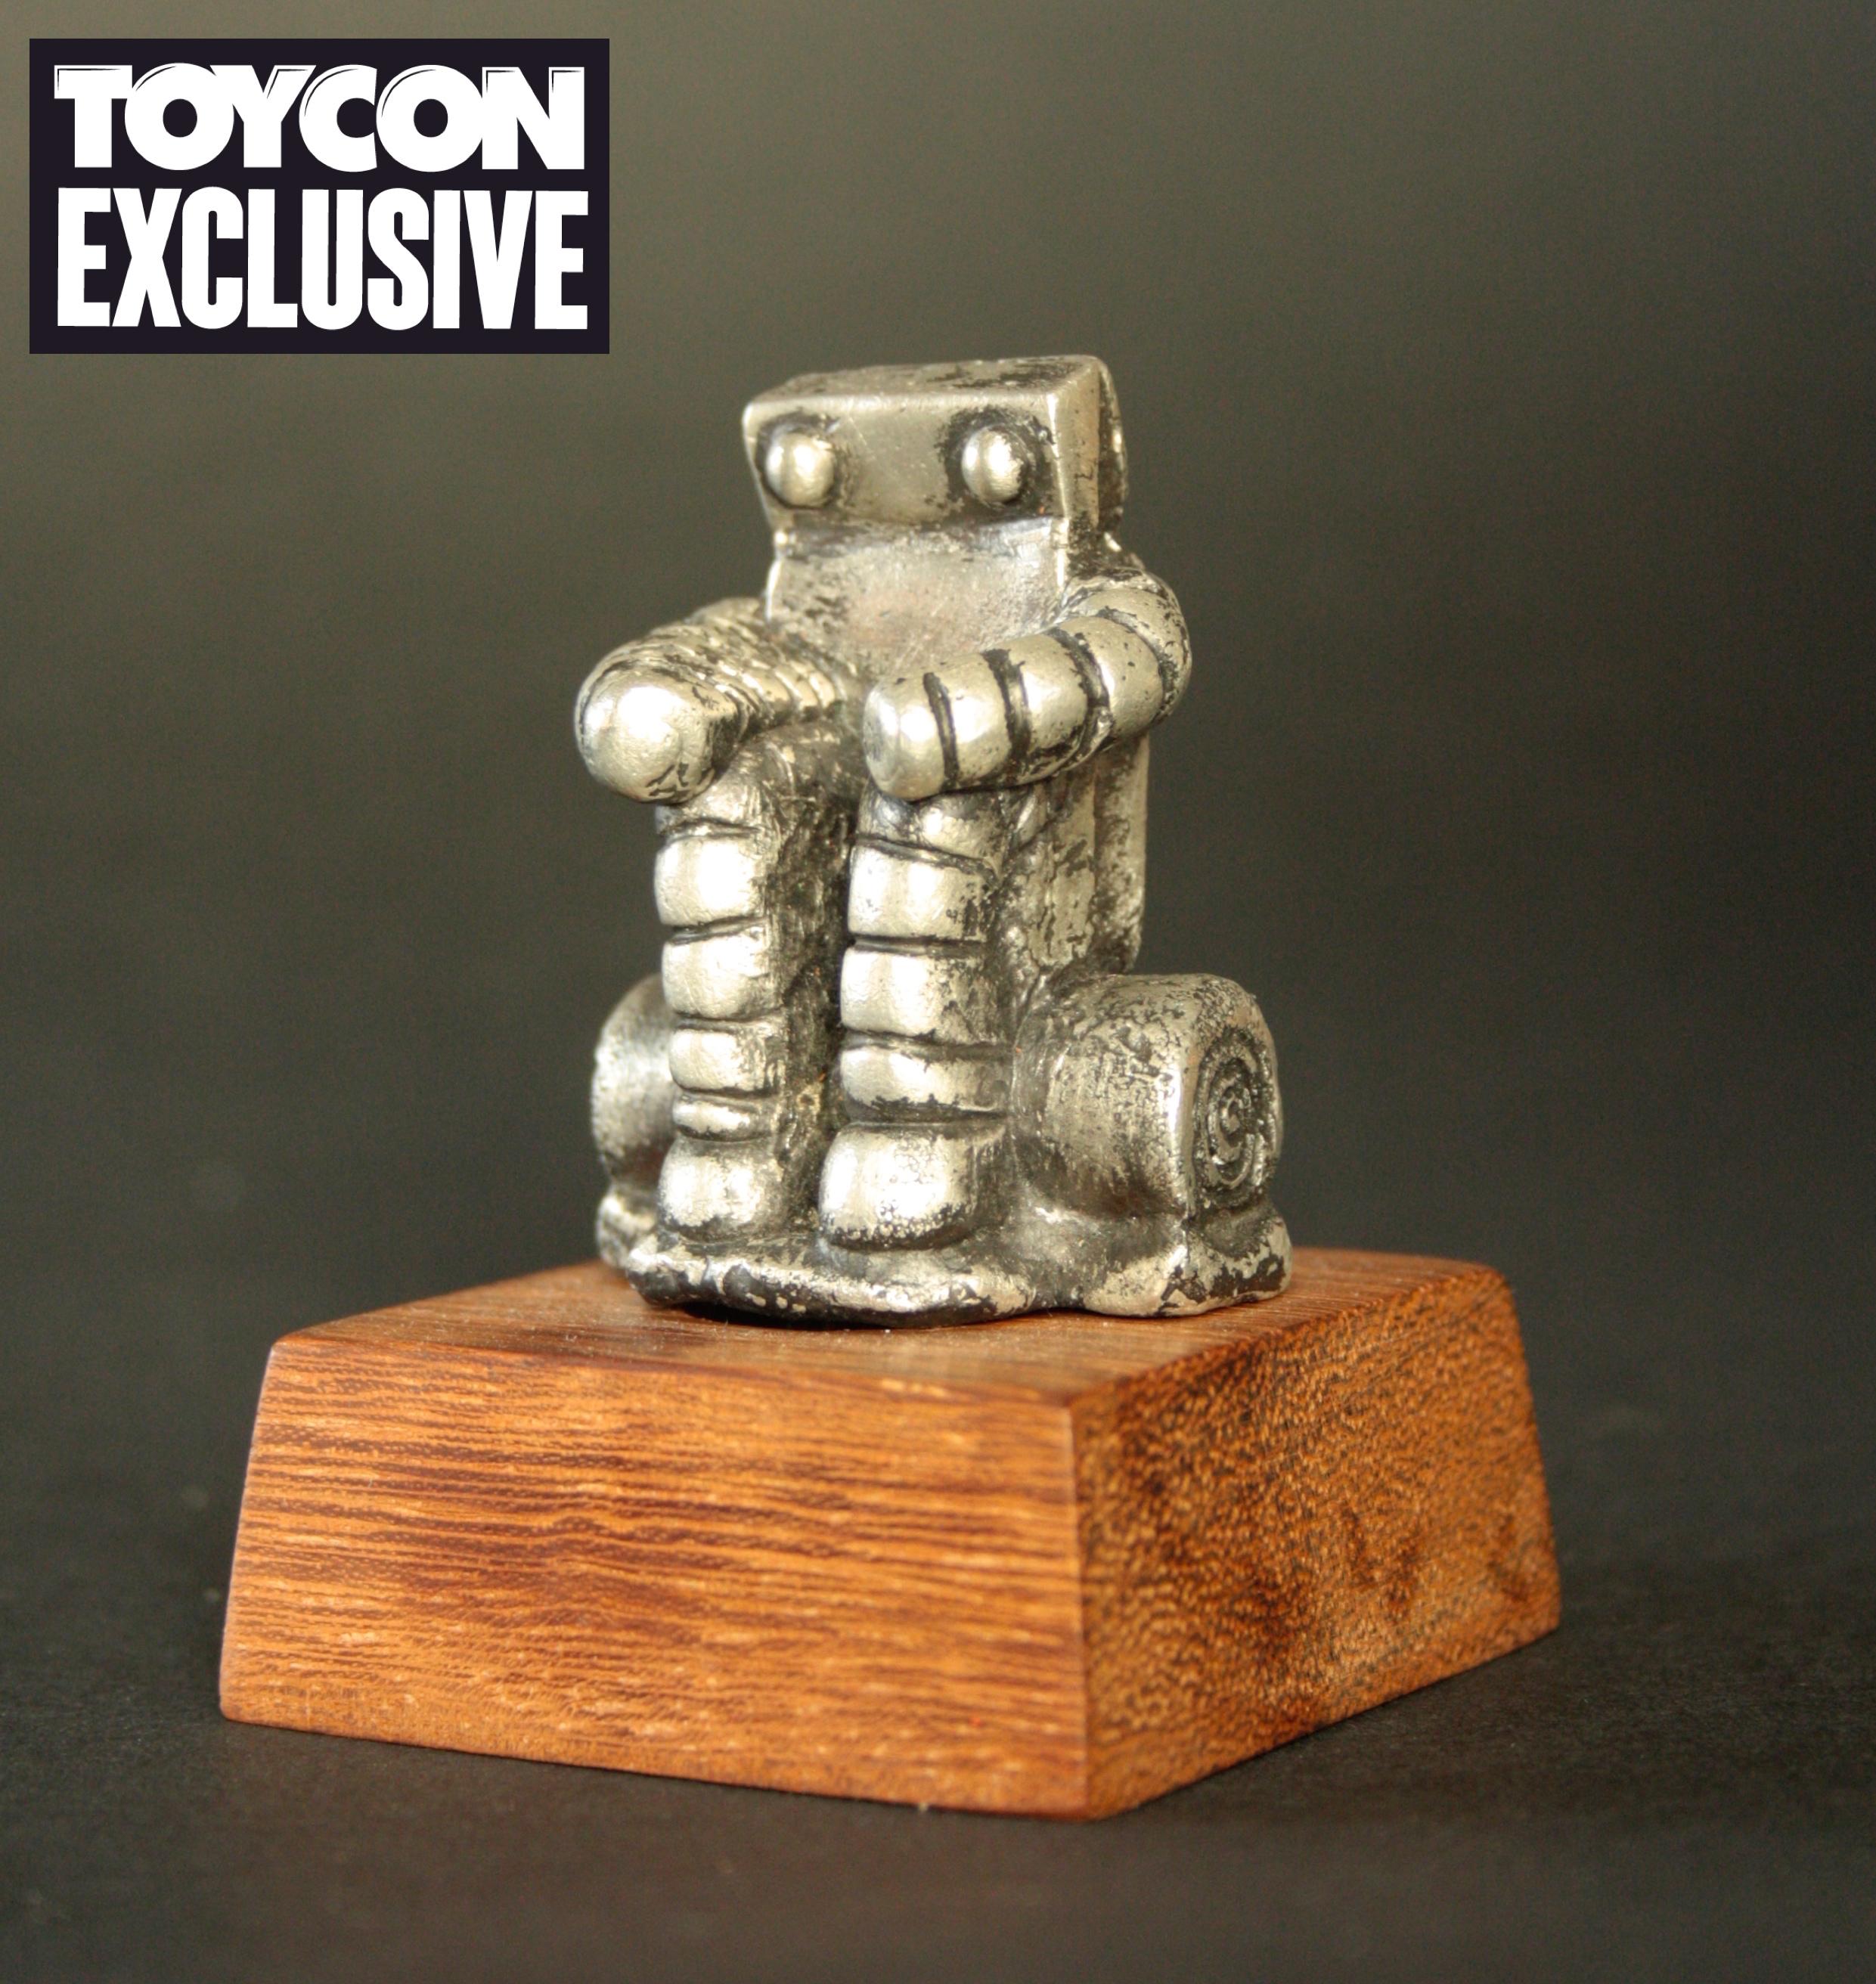 Andrew_Byham_Robot_#9_ToyCon